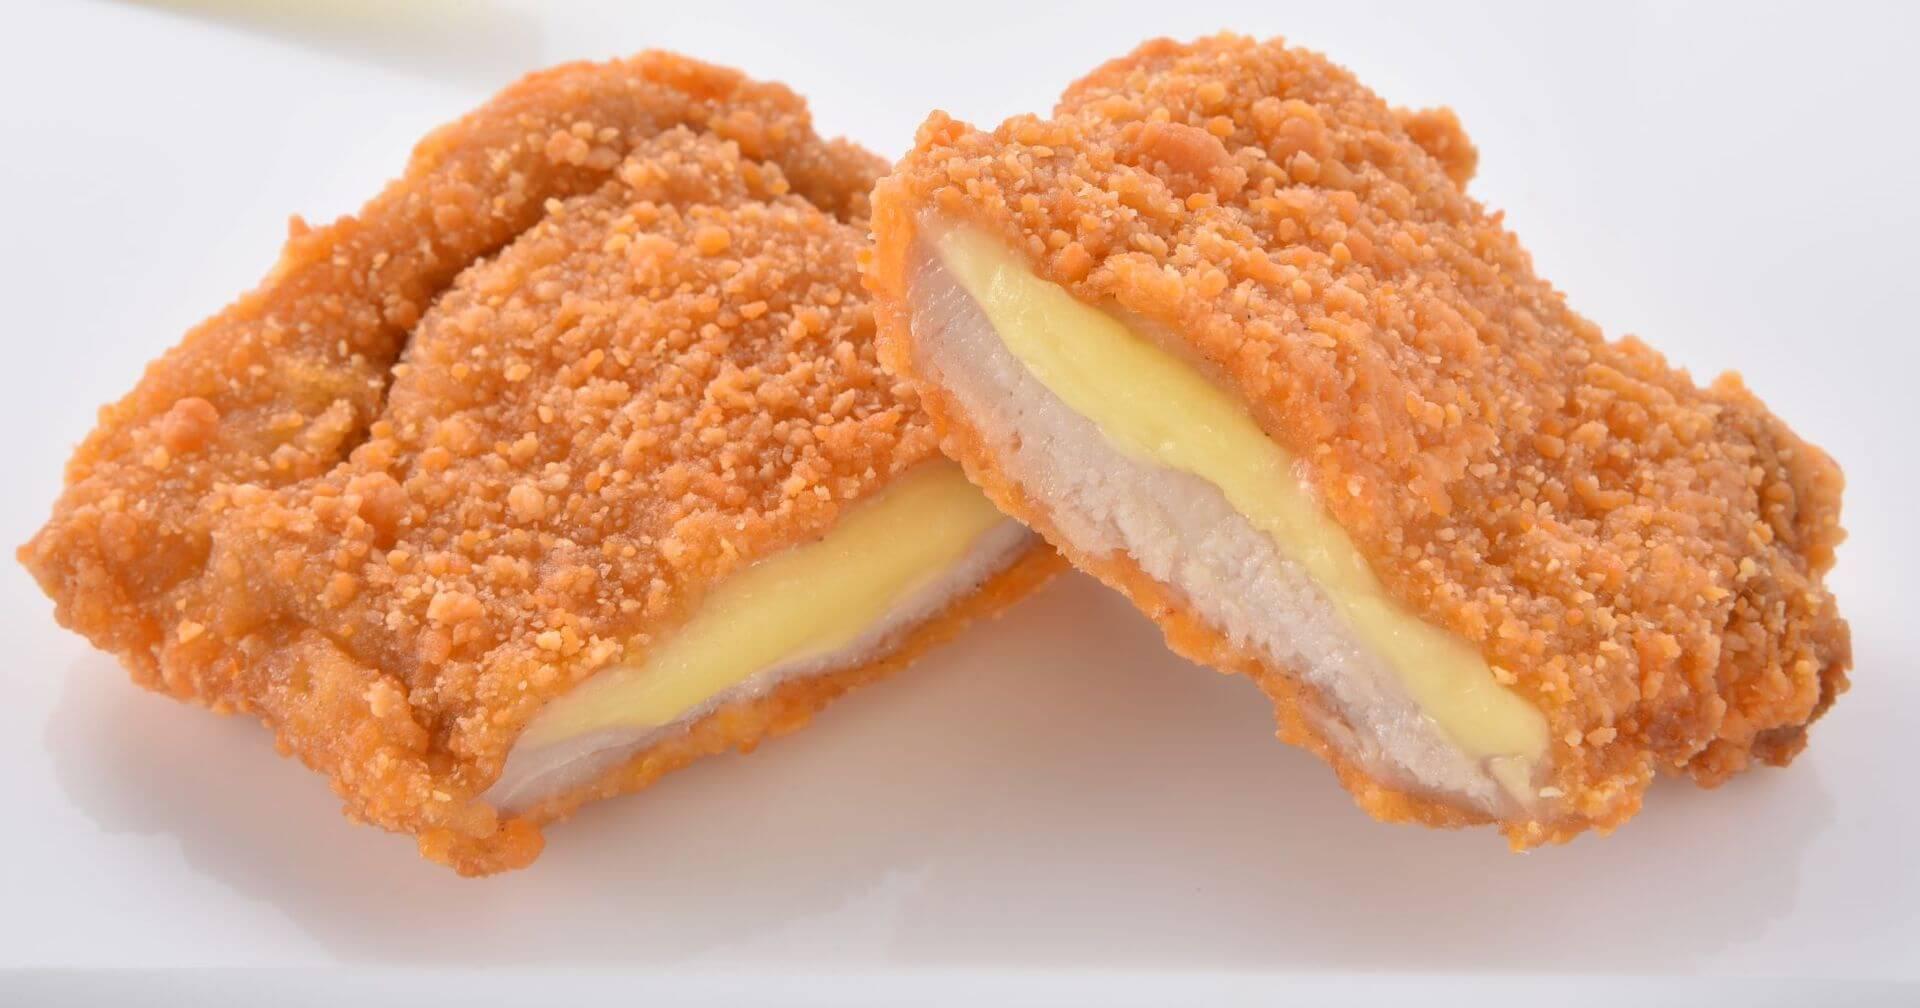 ファミマで大人気の「チーズインファミチキ」が美味しくなって復活!タルタルソース入りの「ふわふわファミチキバンズ」も発売決定 gourmet210510_familymart_chicken_5